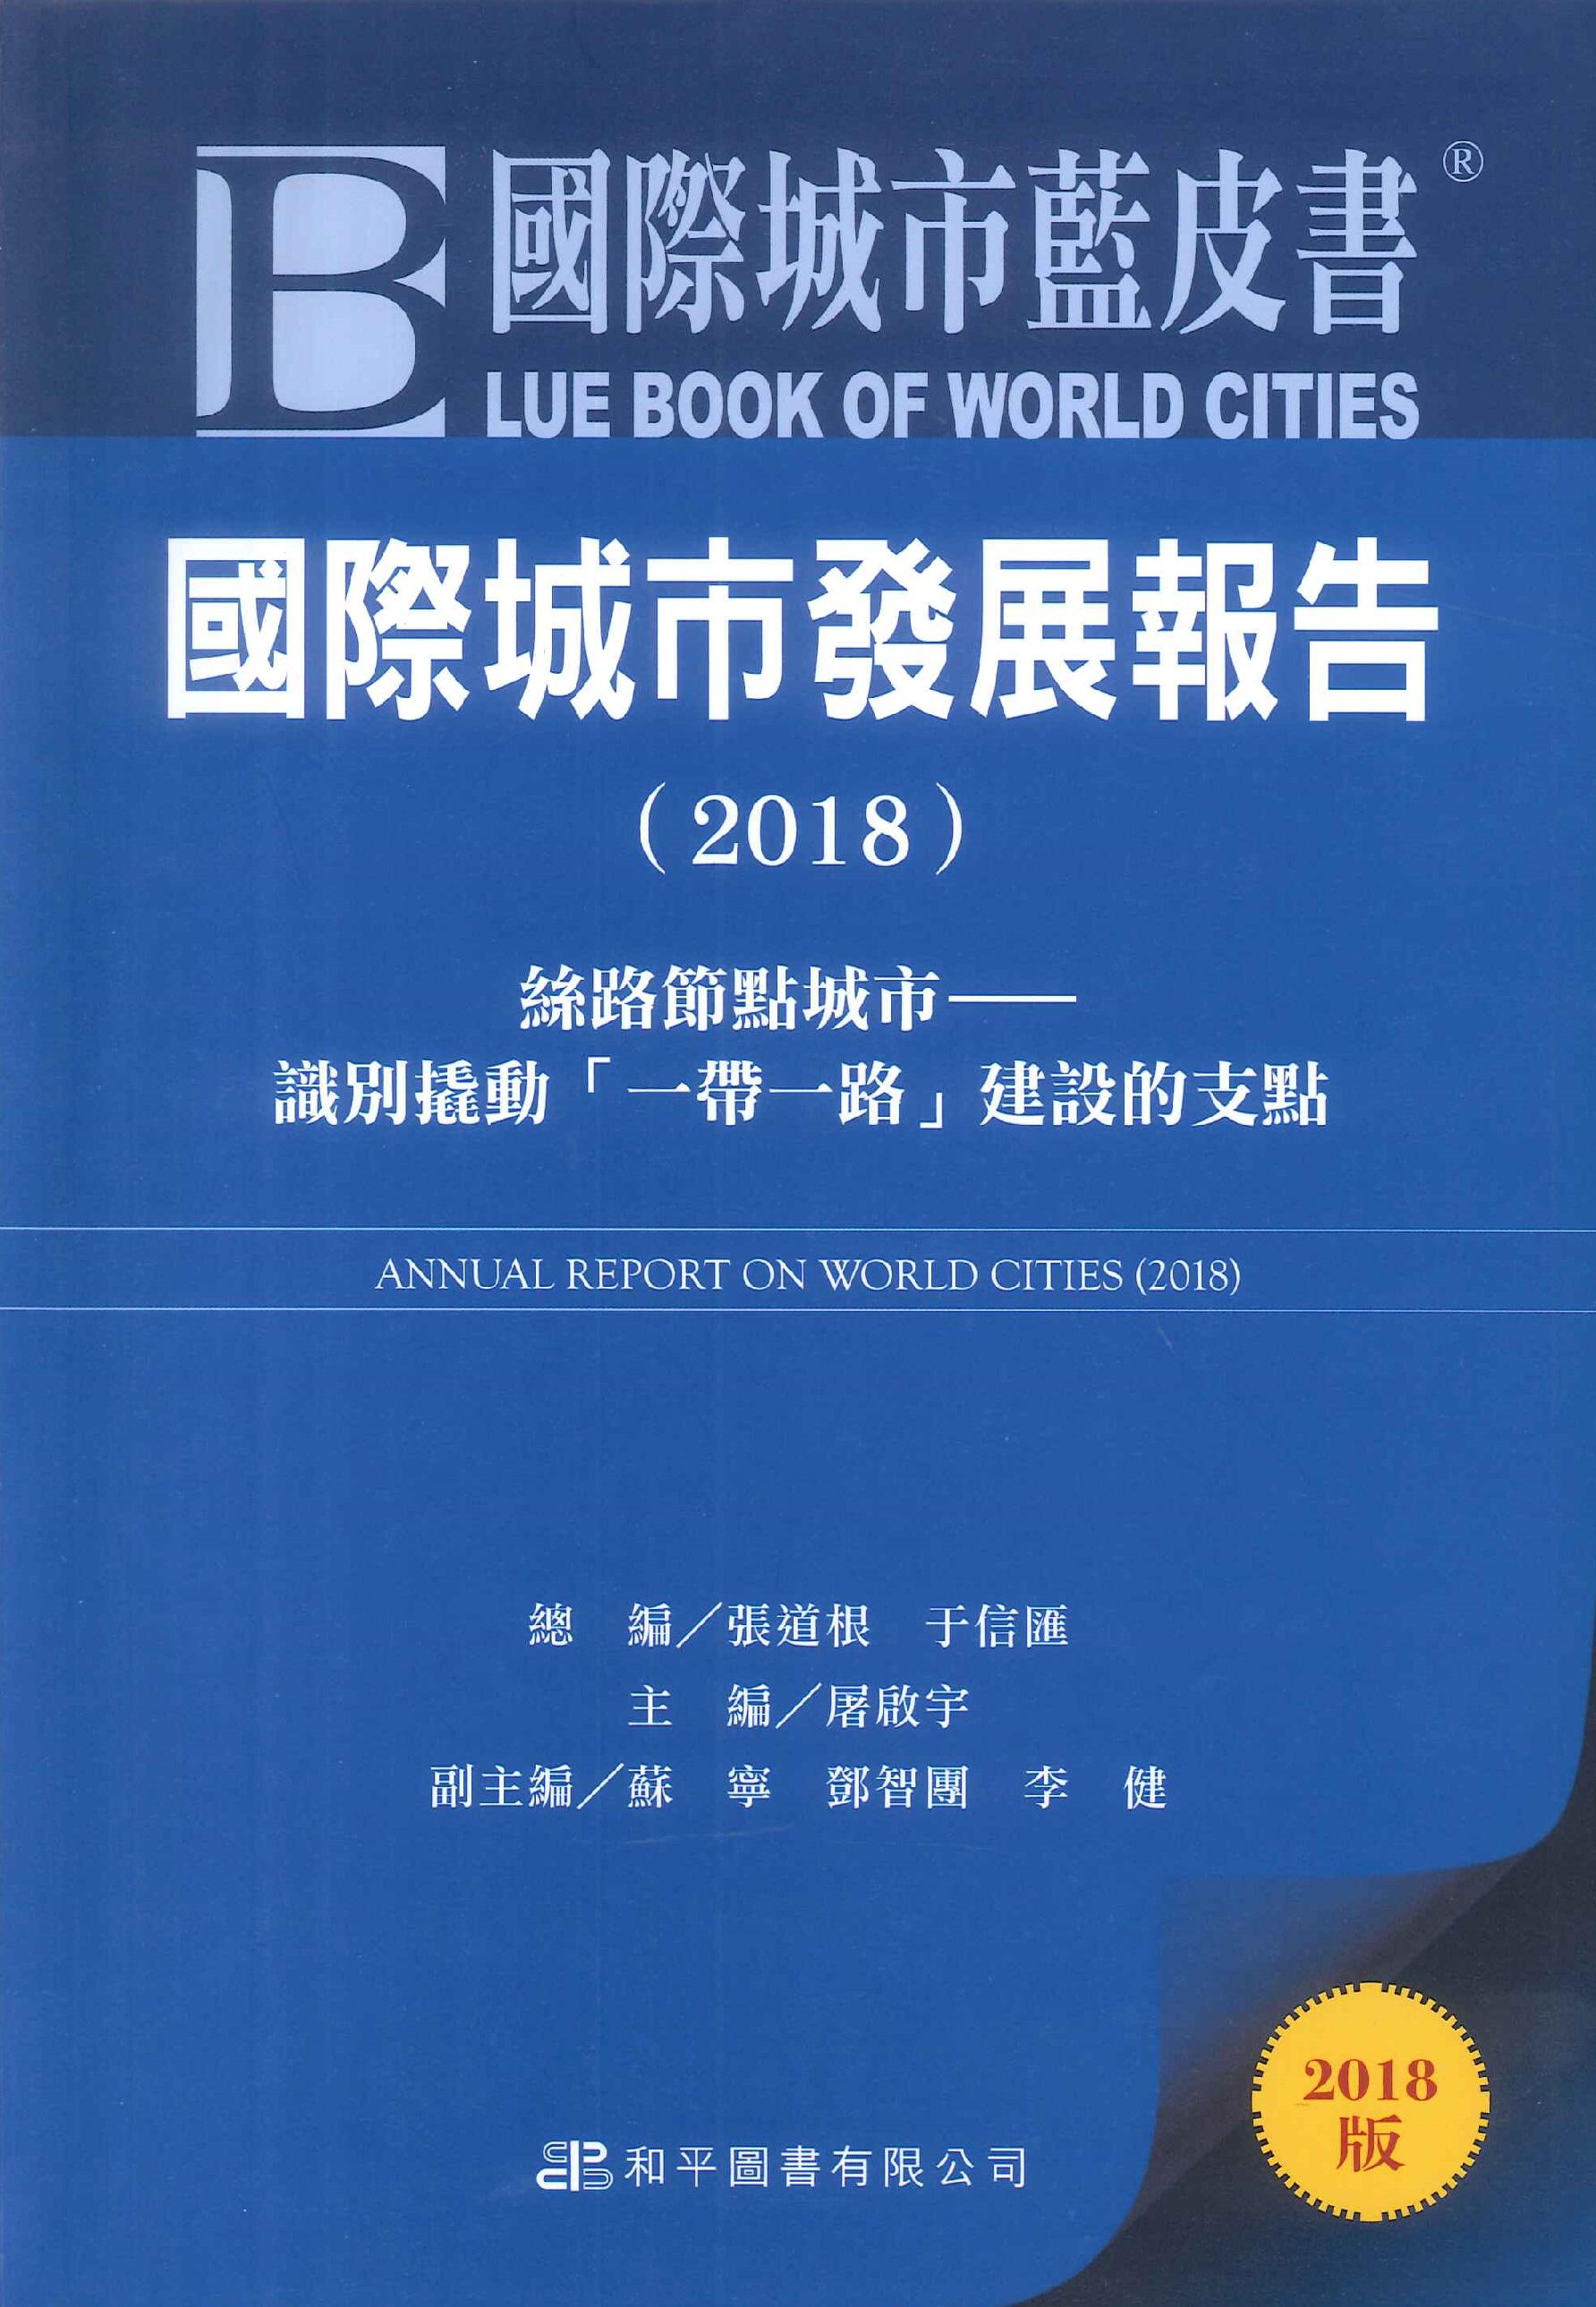 國際城市發展報告.絲路節點城市—識別撬動「一帶一路」建設的支點.2018=Annual report on world cities